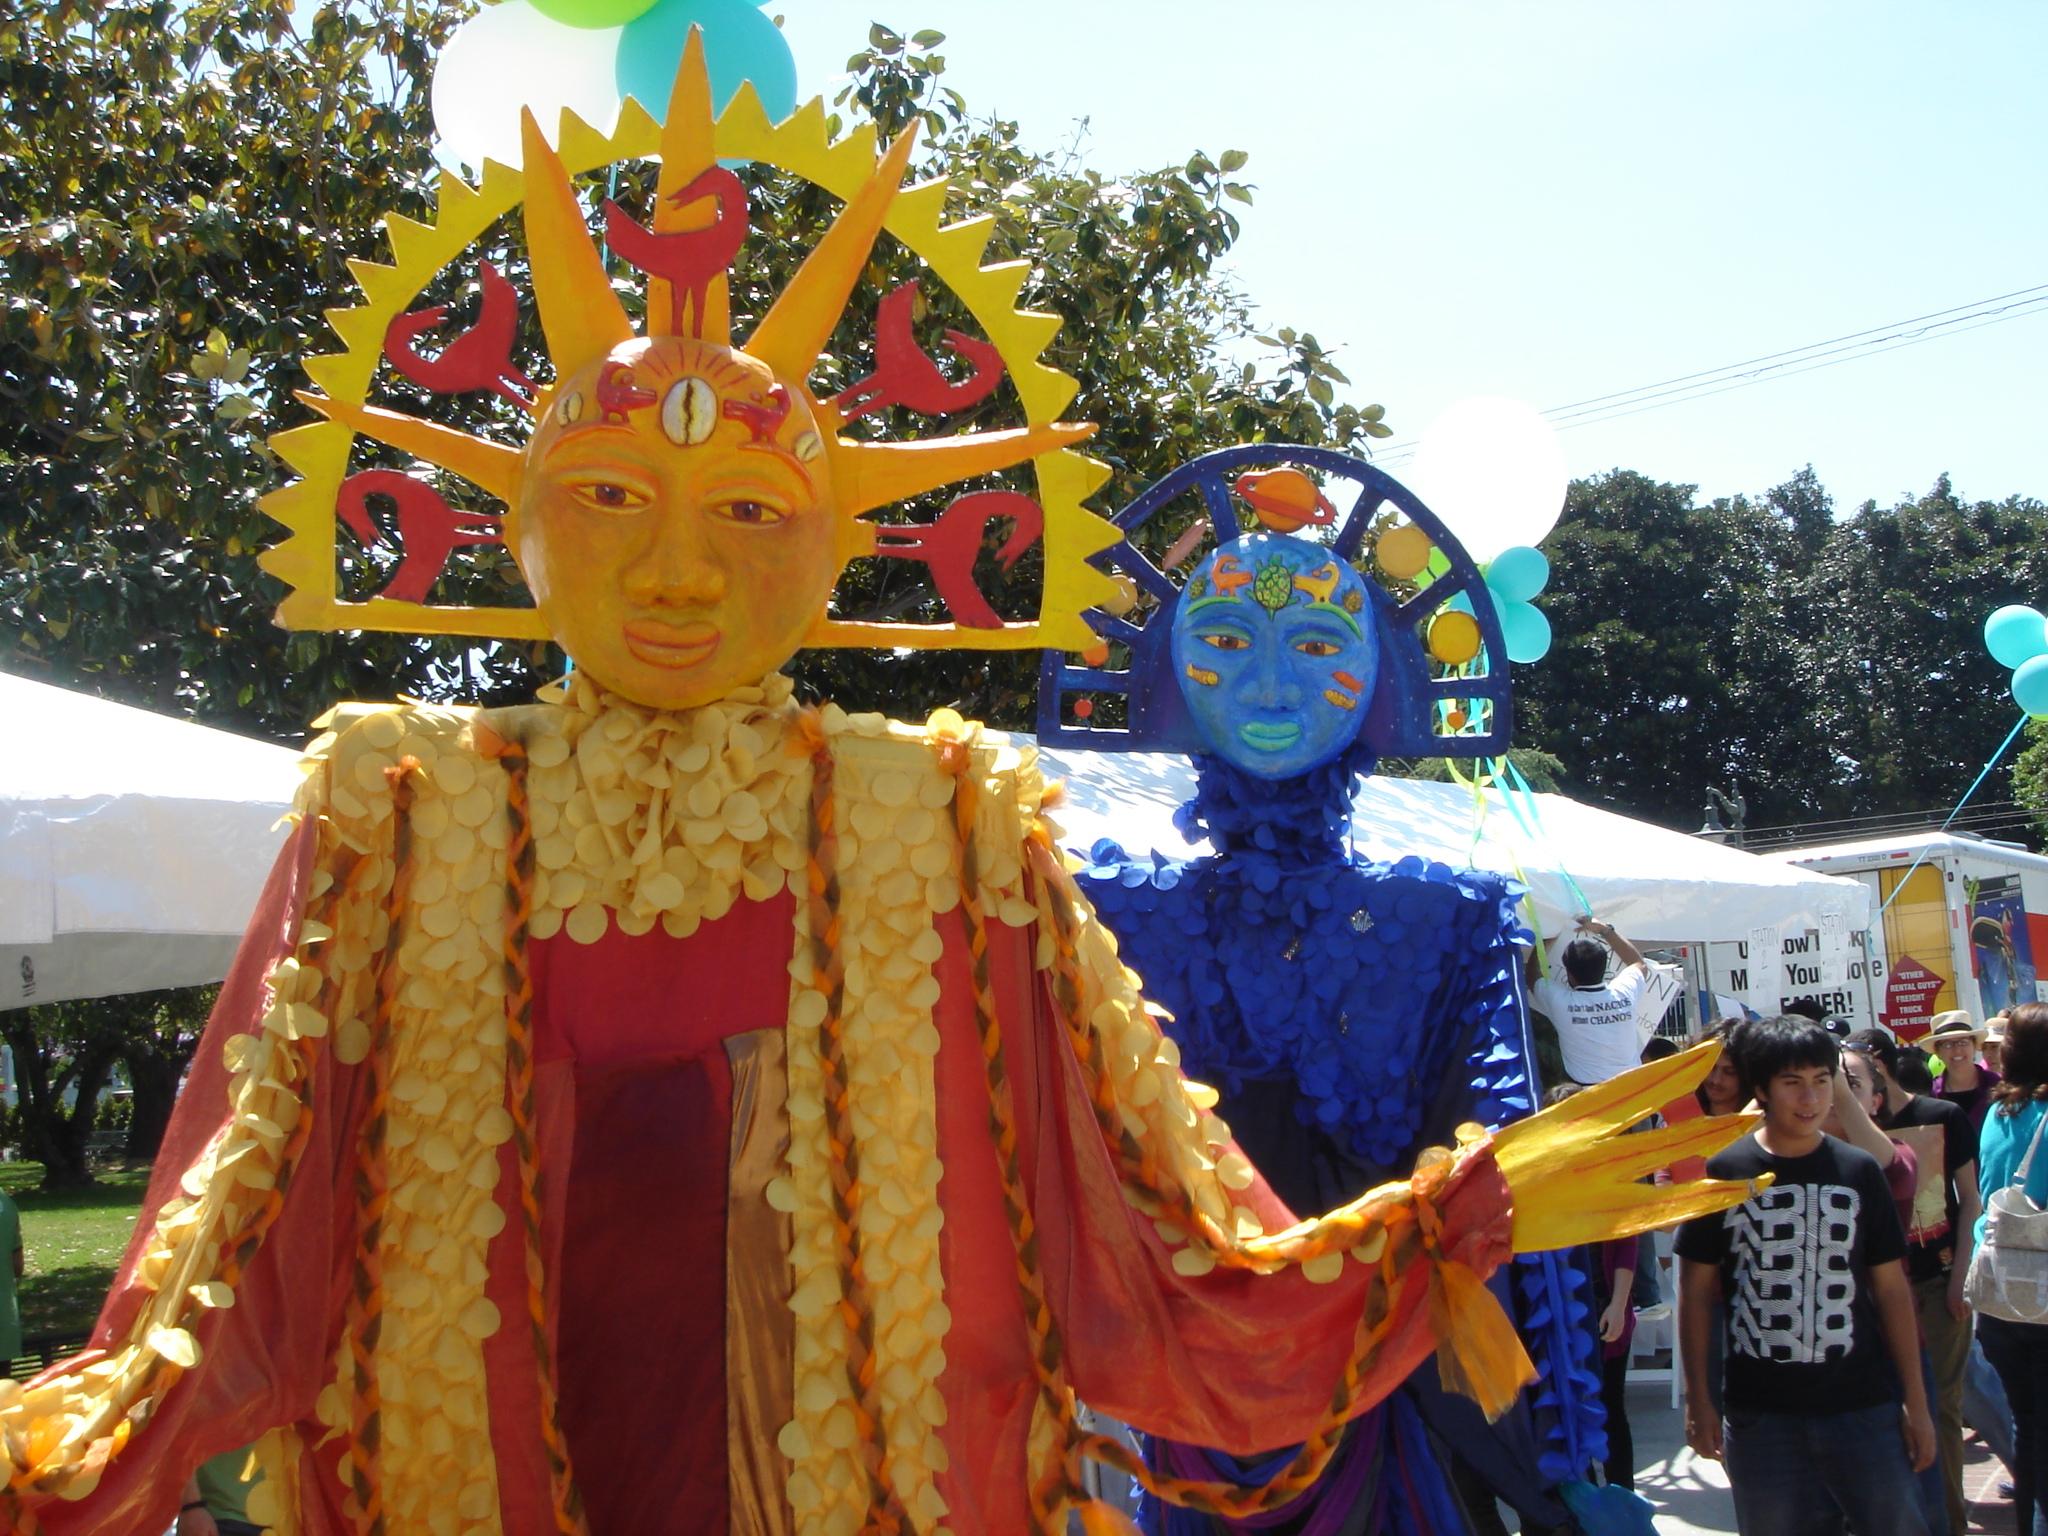 Hasta algunos gigantes estuvieron presentes en la estación Expo Park/USC. (Foto José Ubaldo/El Pasajero).